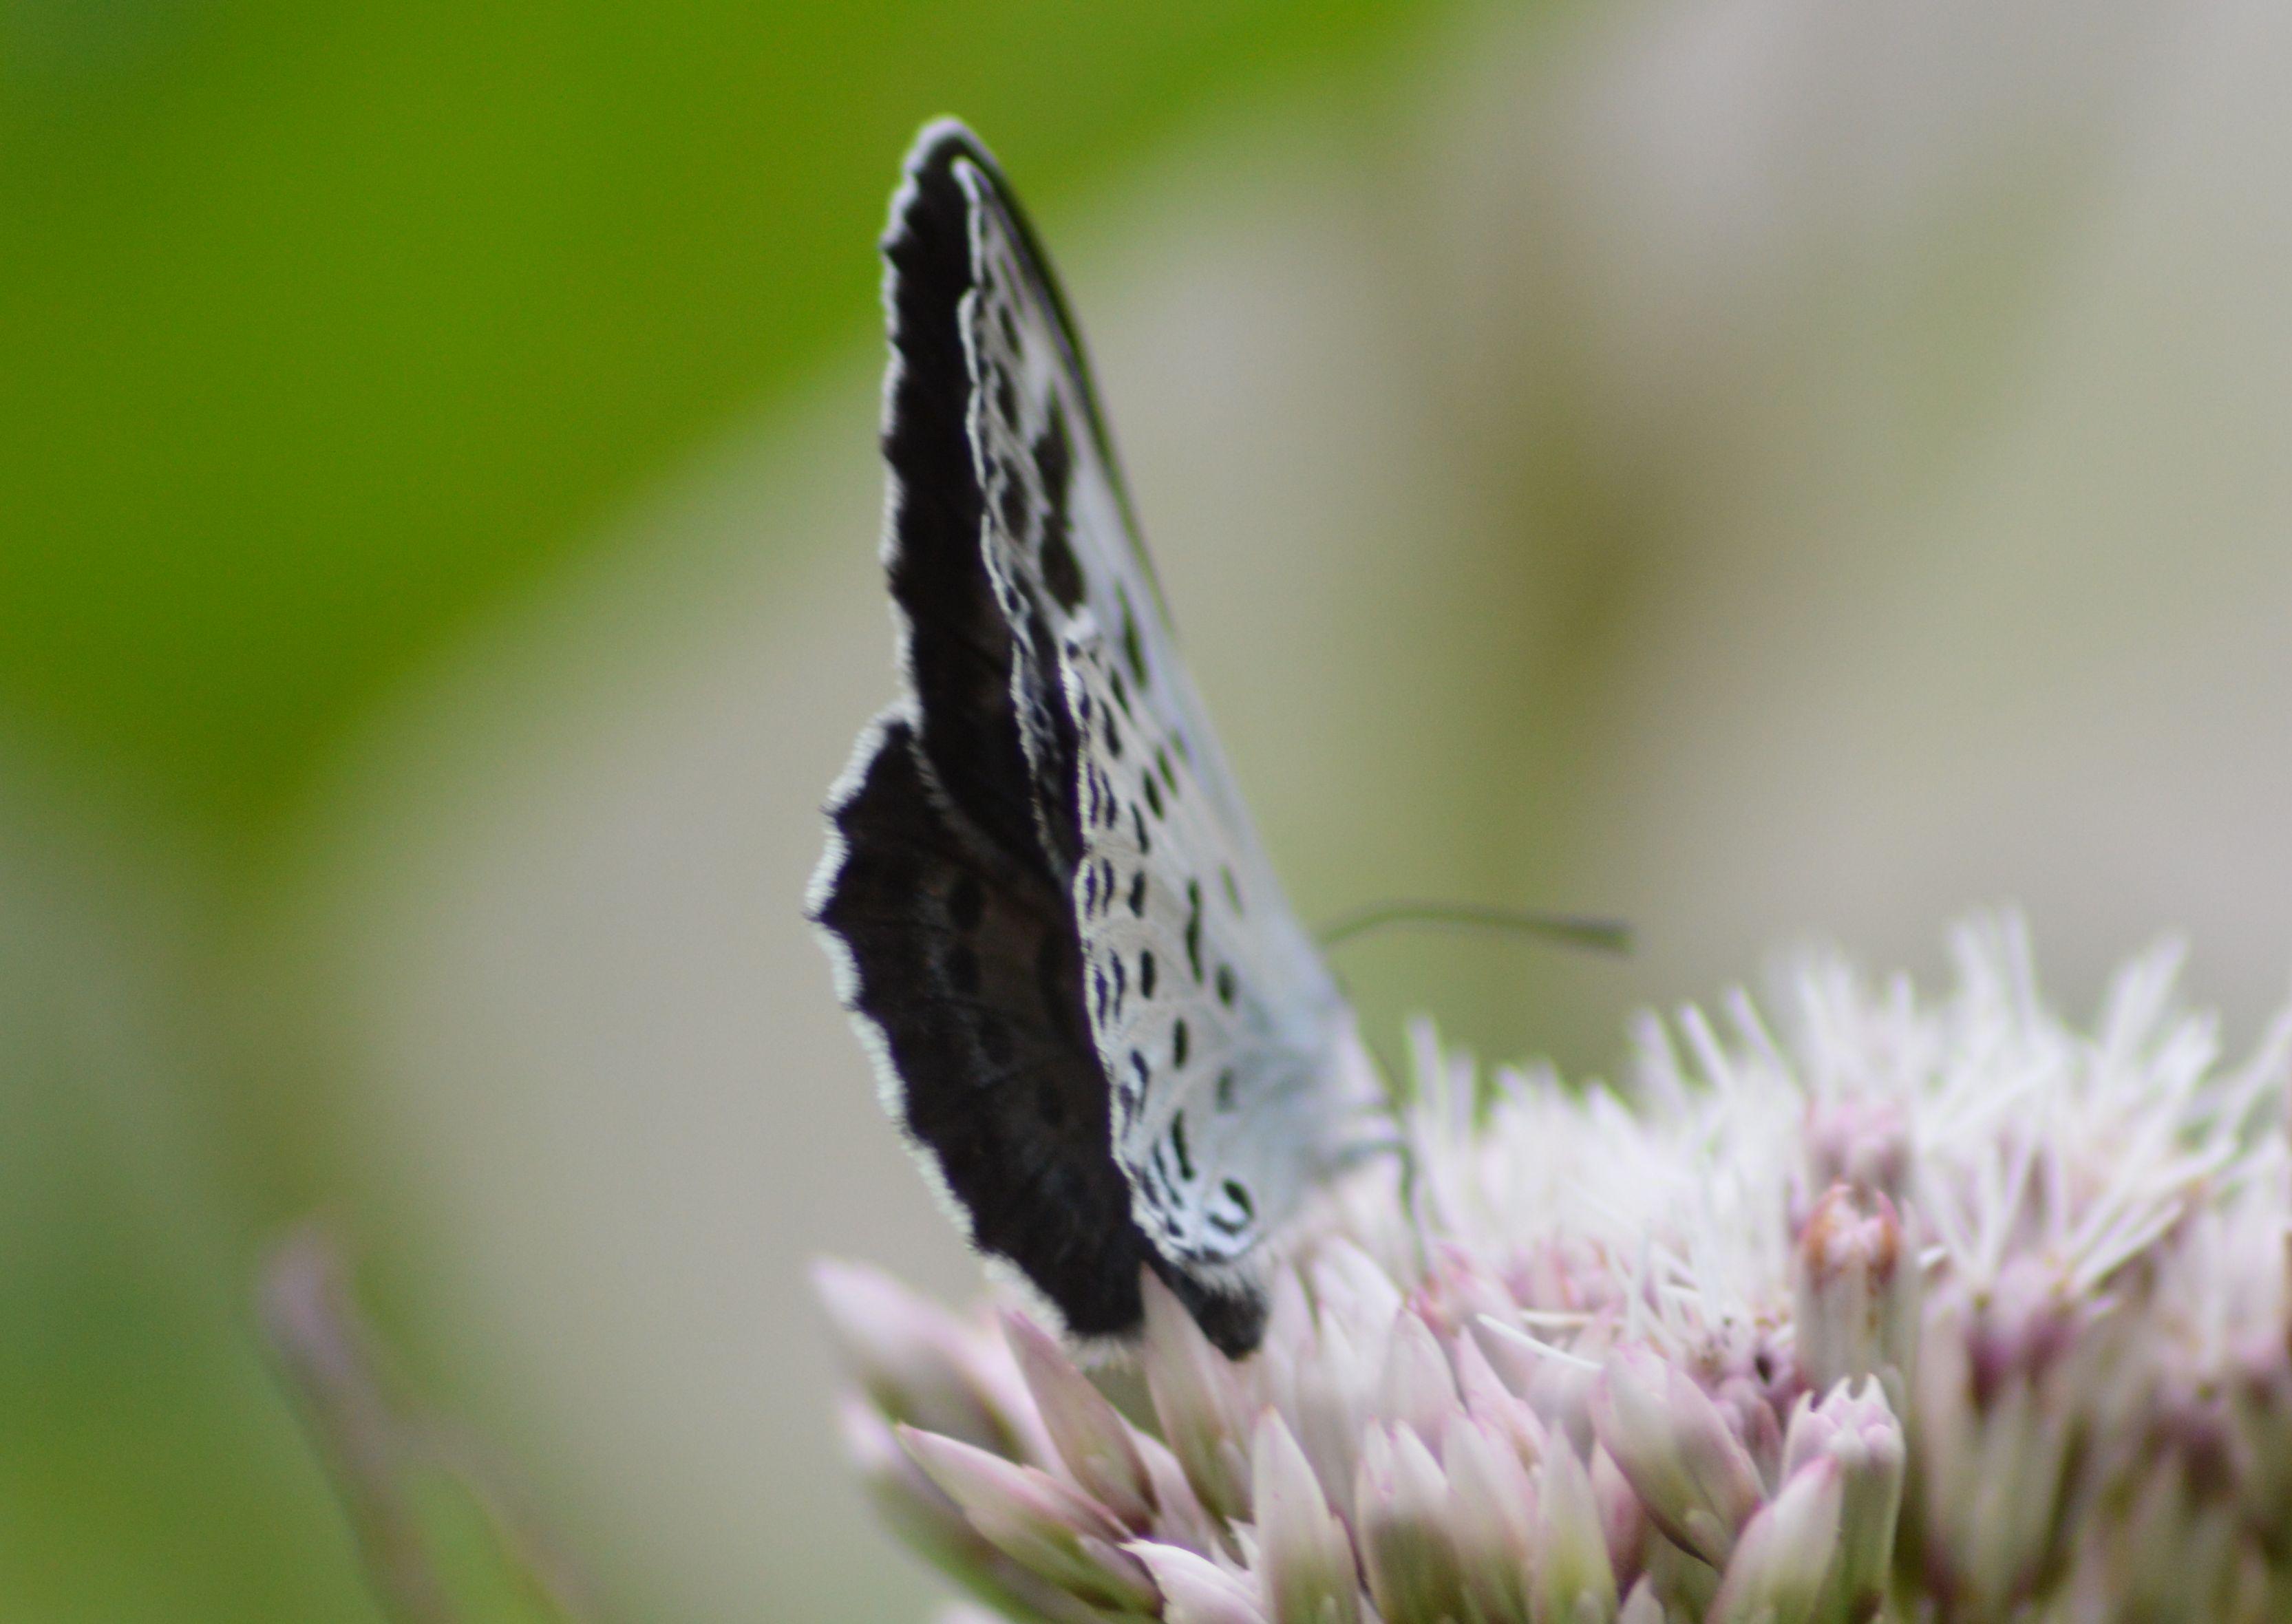 オオゴマシジミ  かなりハードルの高い蝶???_d0254540_8573232.jpg